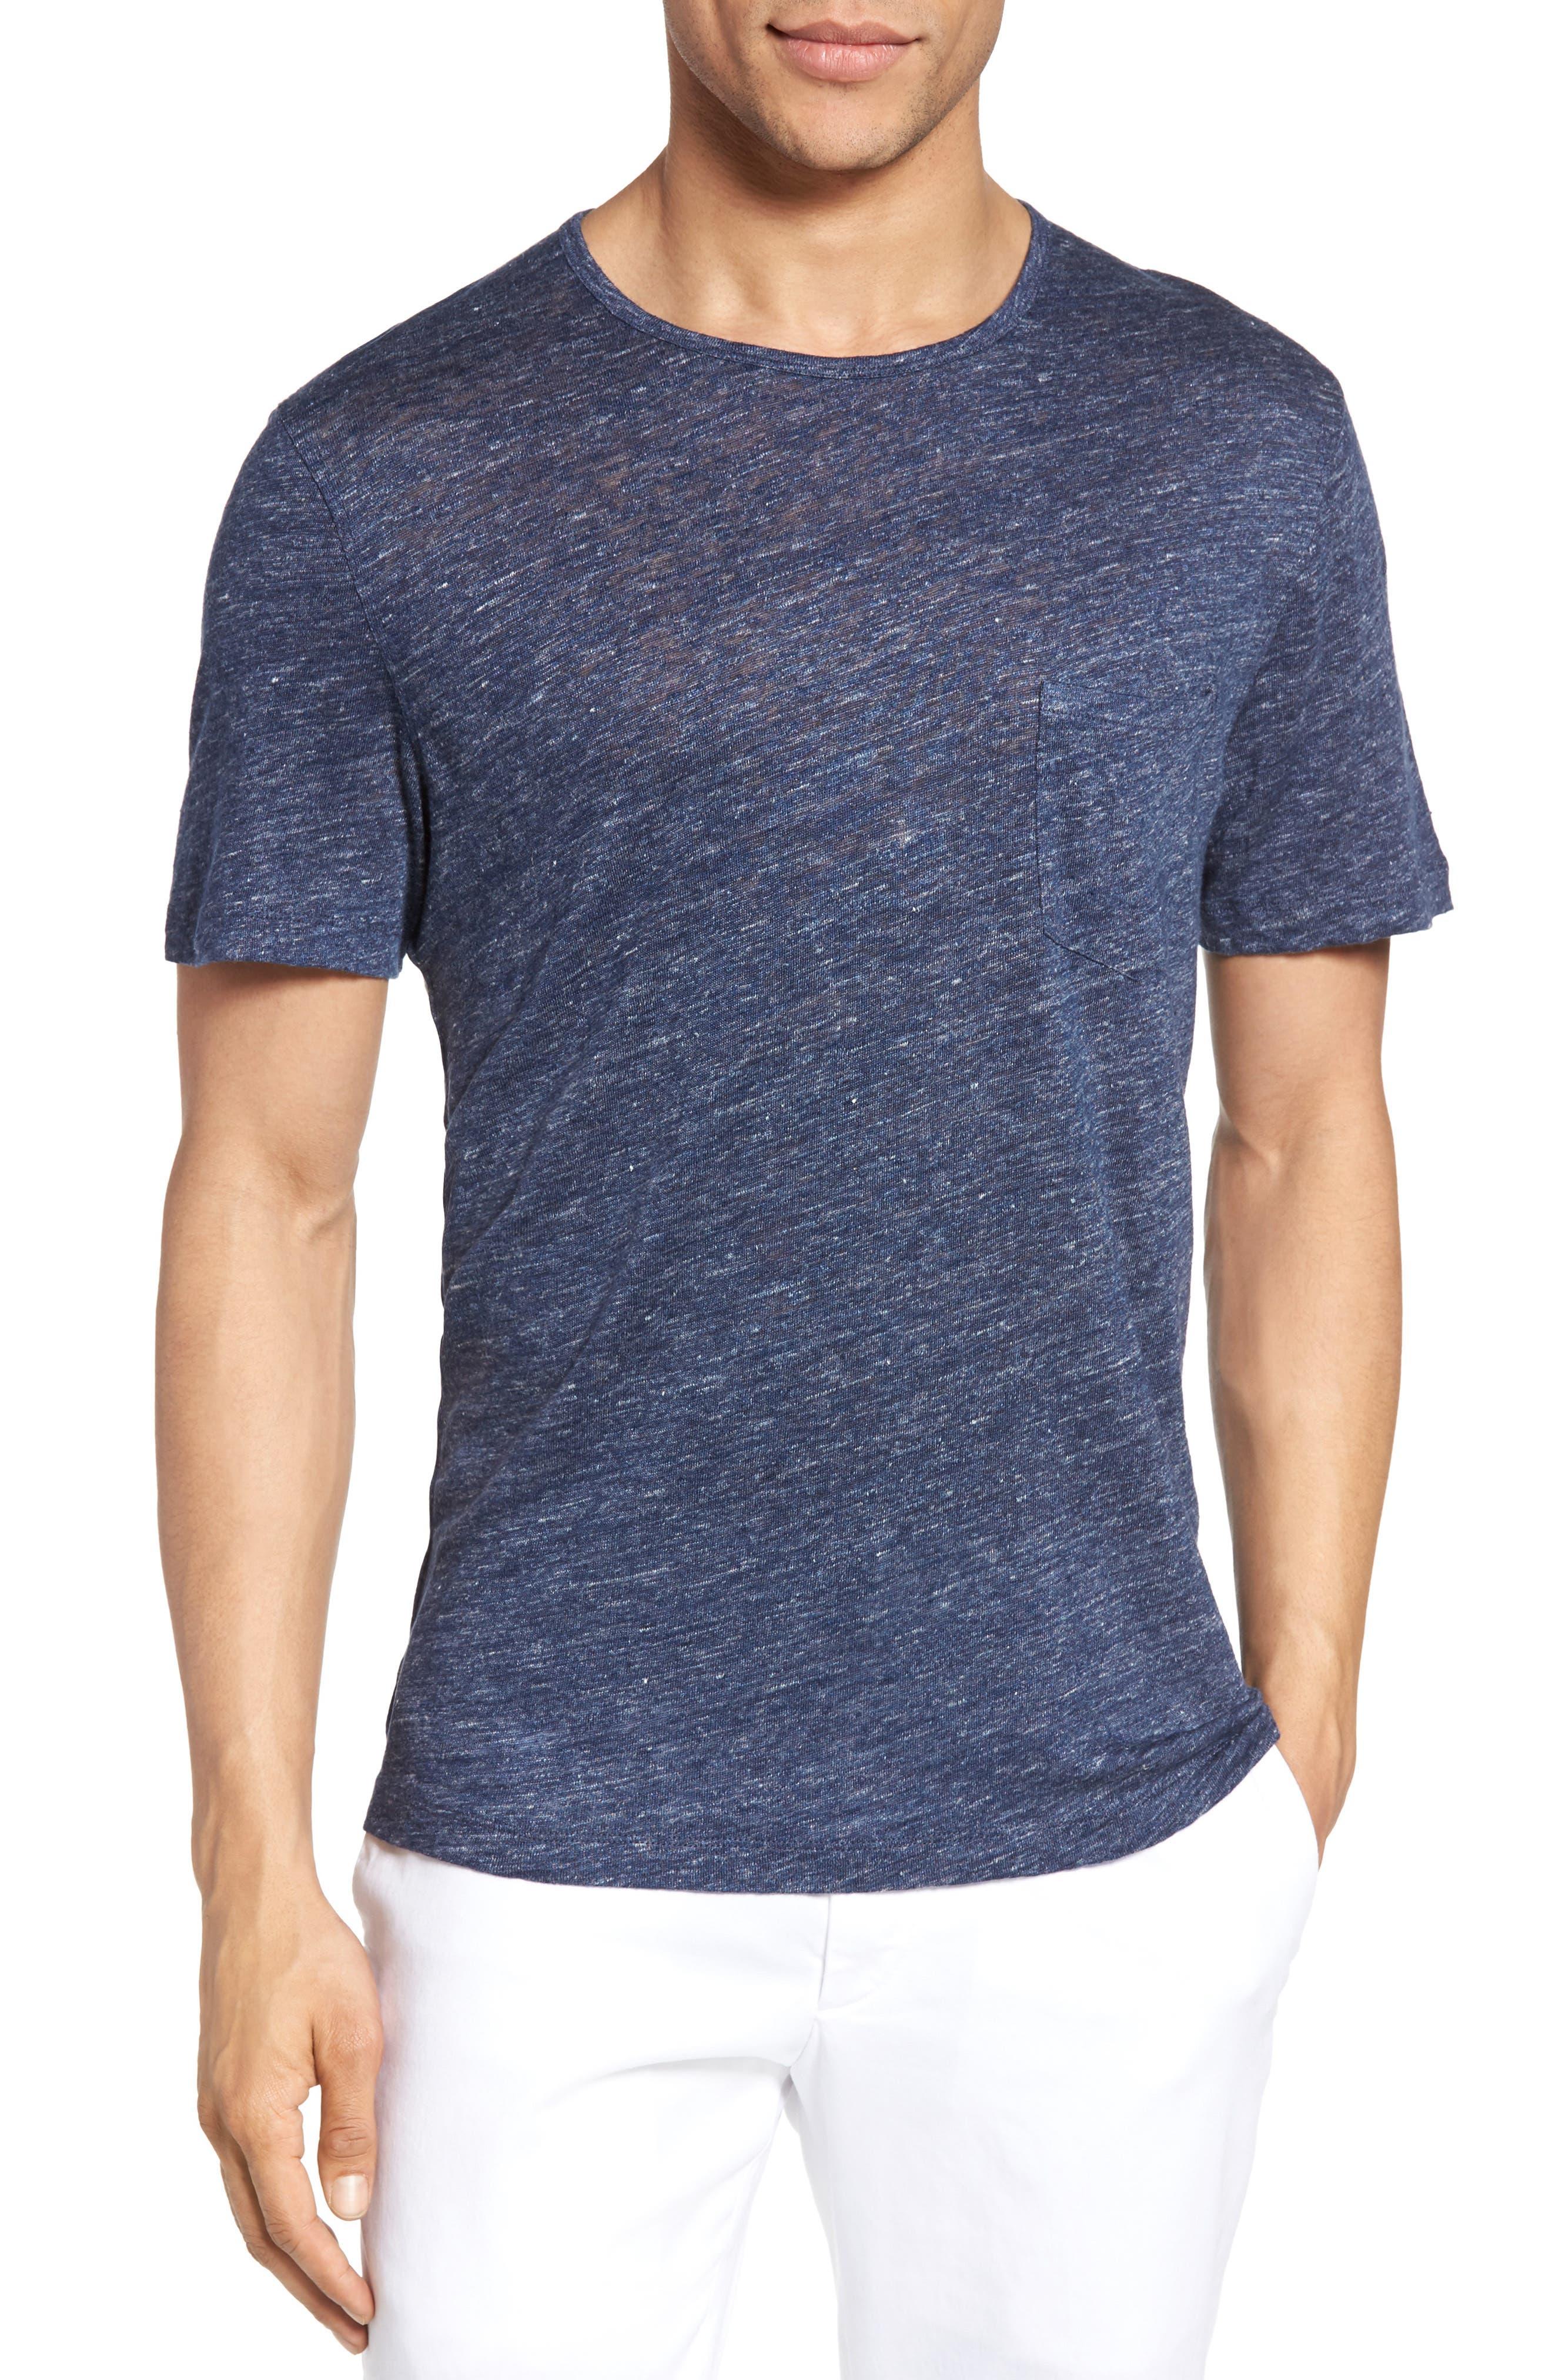 Monad Colorblock Linen T-Shirt,                         Main,                         color, Blue Mountain